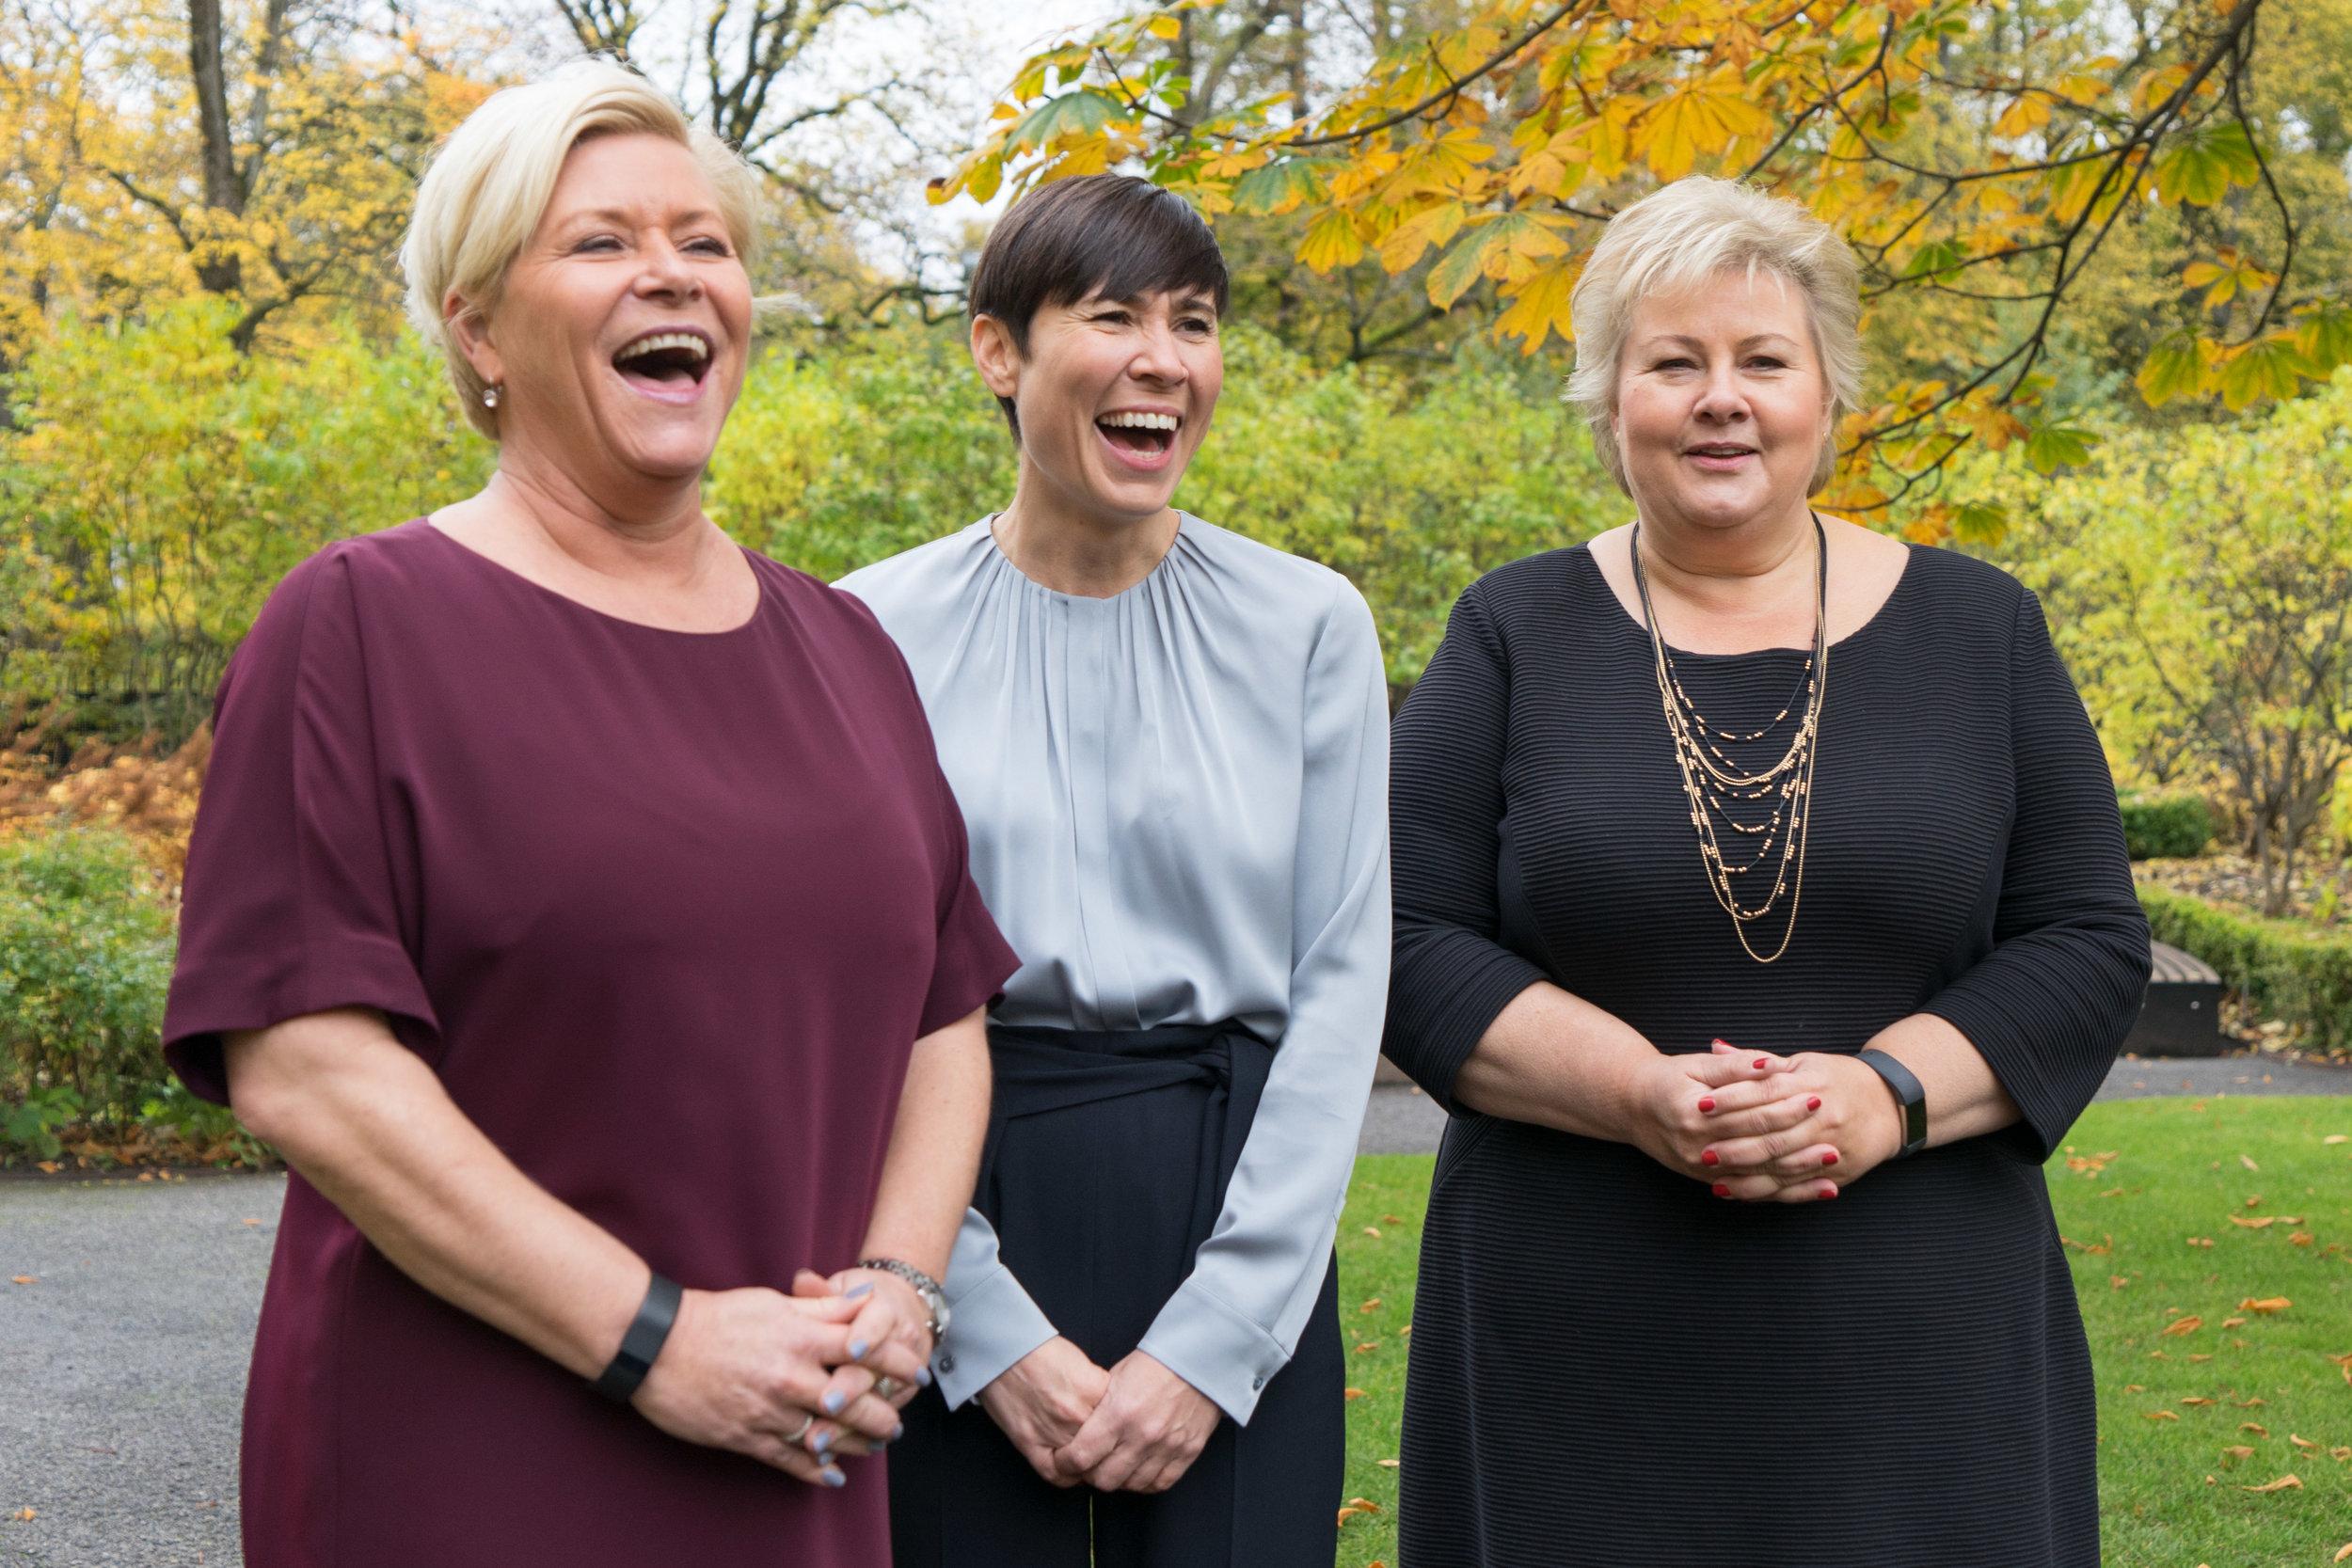 Etter 20. oktober i år er det tre kvinner på topp i regjeringa; finansminister Siv Jensen, utanriksminister Ine Eriksen Søreide og statsminister Erna Solberg. Foto: Statsministerens Kontor/Flickr